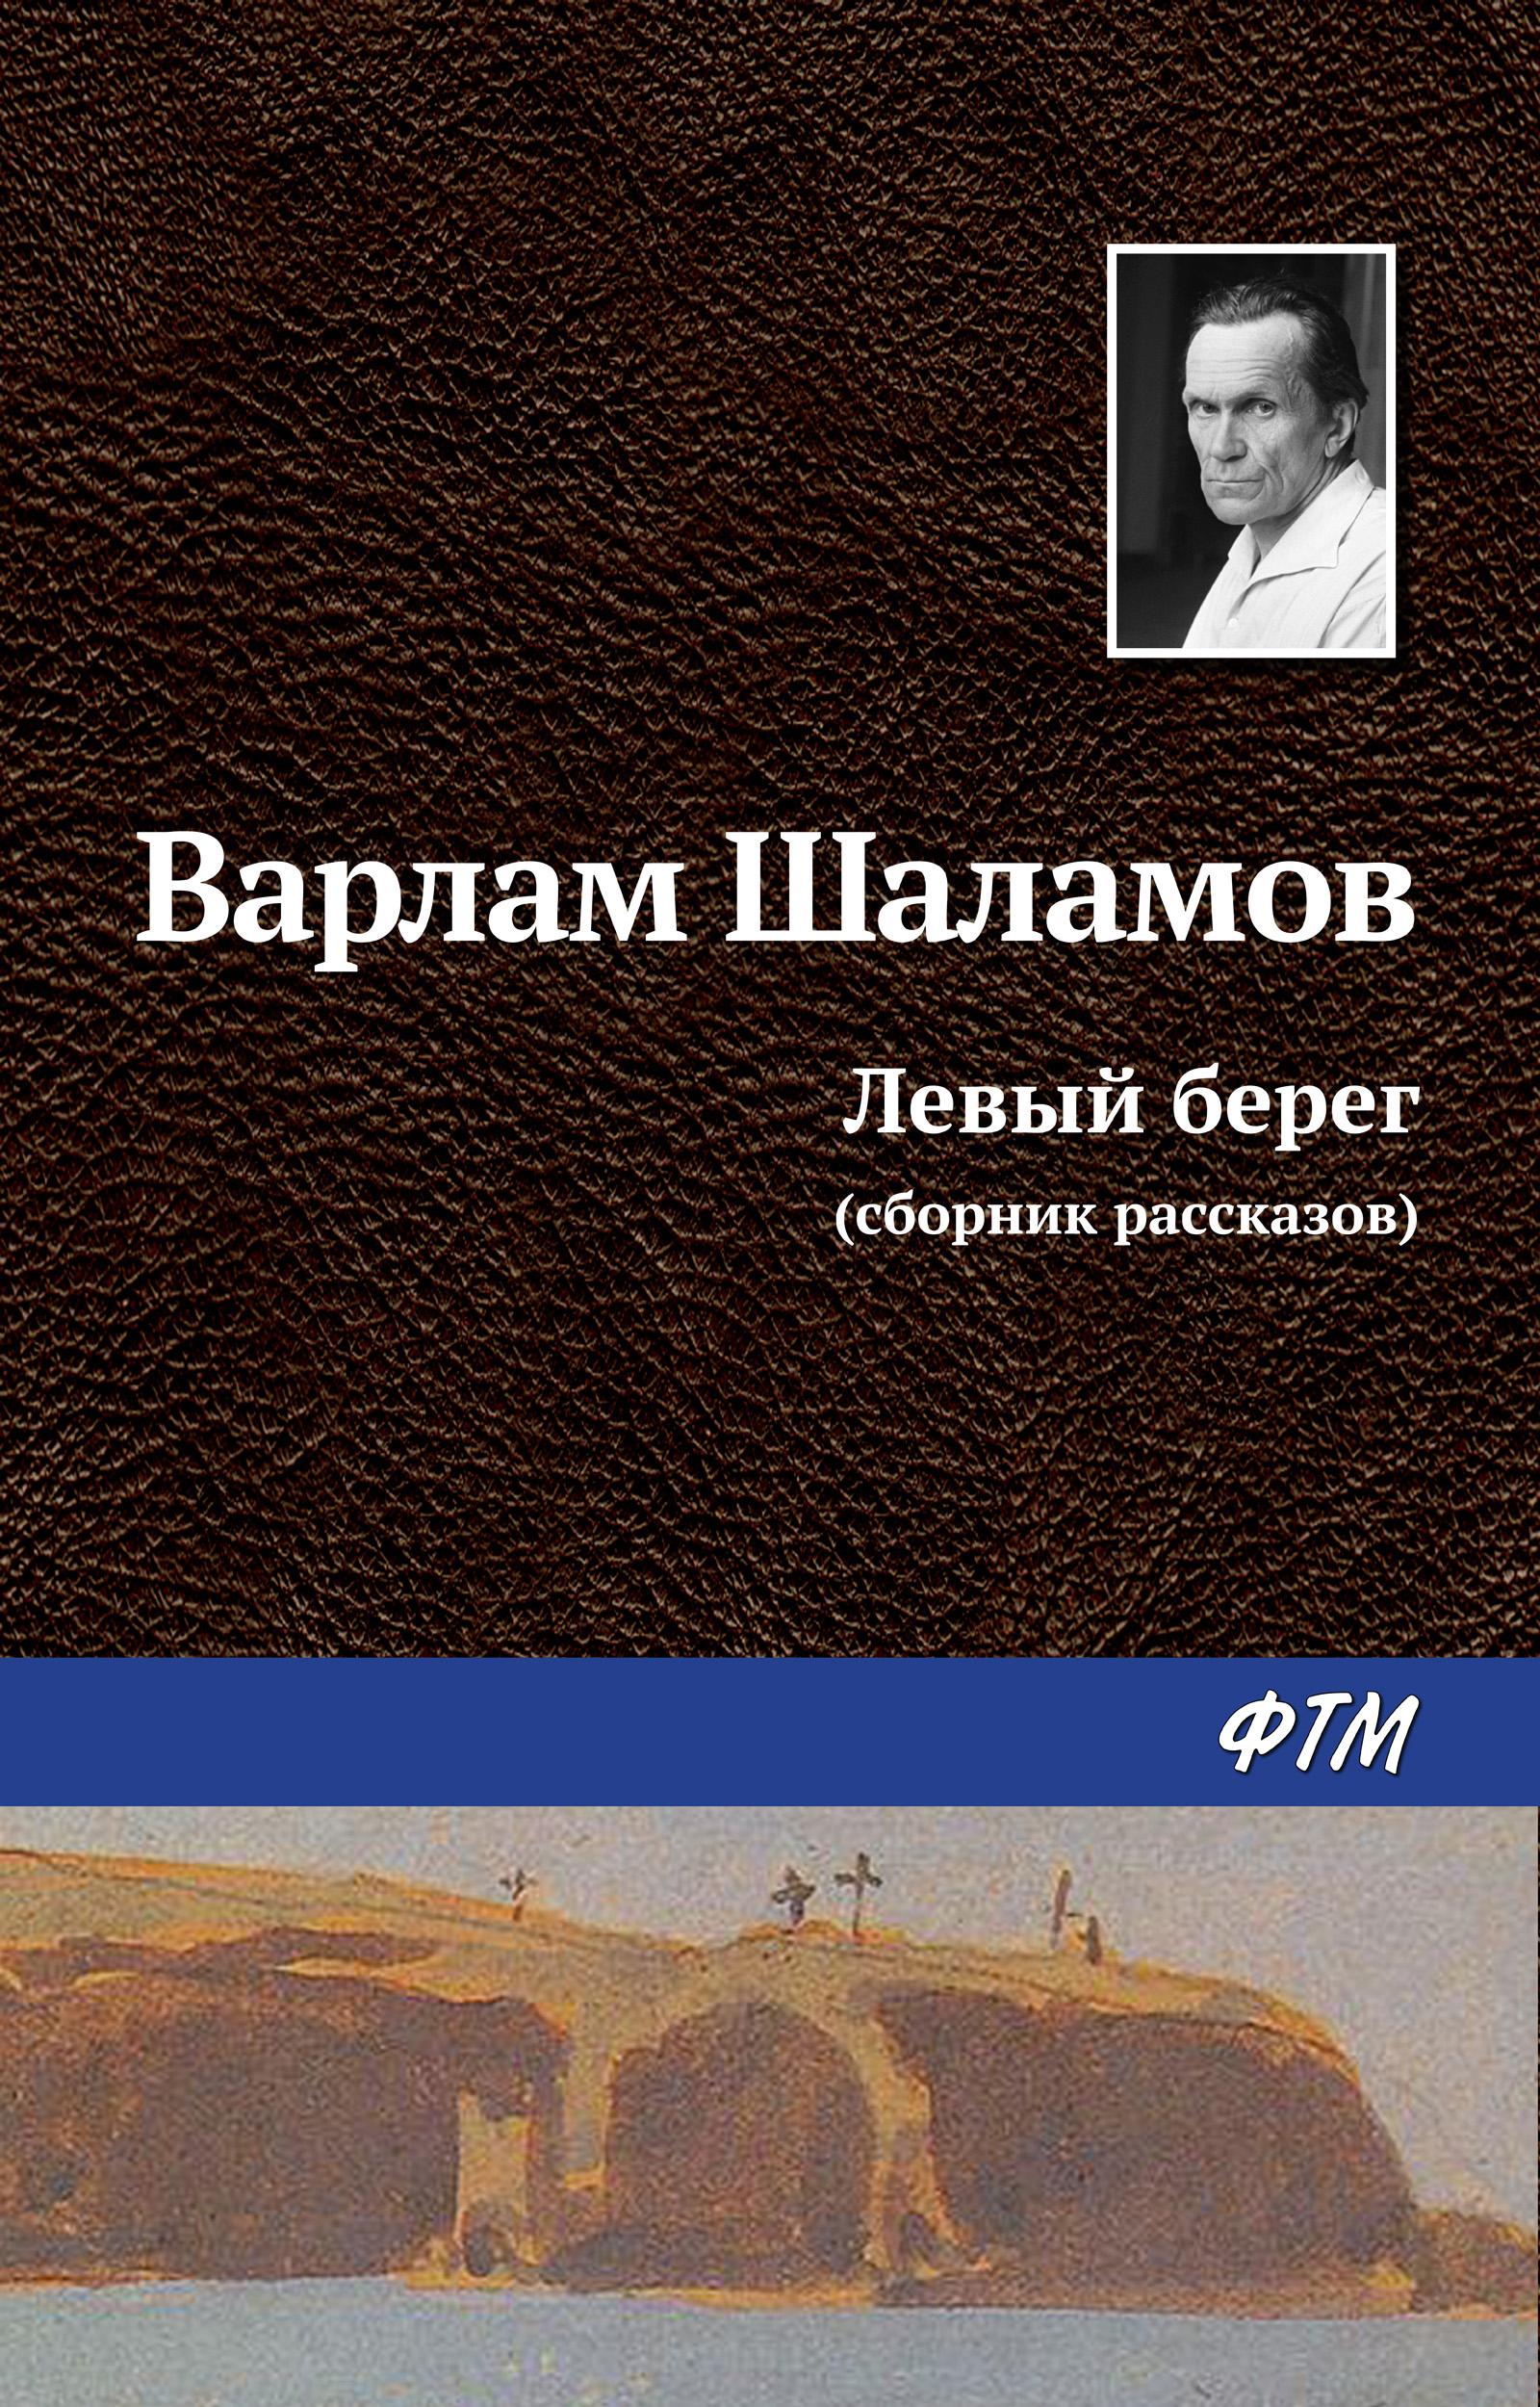 Варлам Шаламов Левый берег (сборник) варлам шаламов город на горе